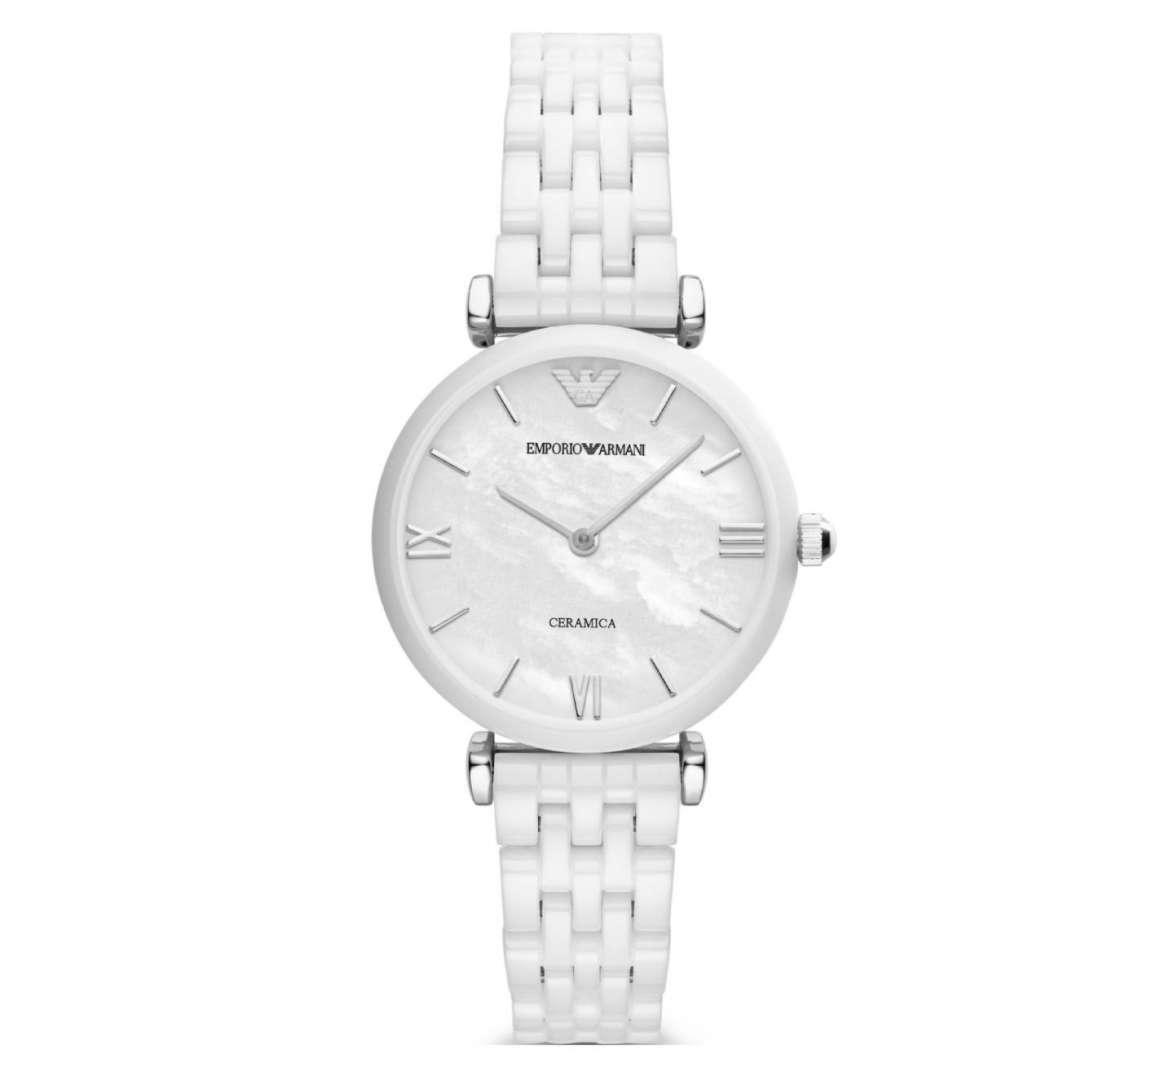 שעון יד אנלוגי לאישה emporio armani ar1485 אמפוריו ארמני